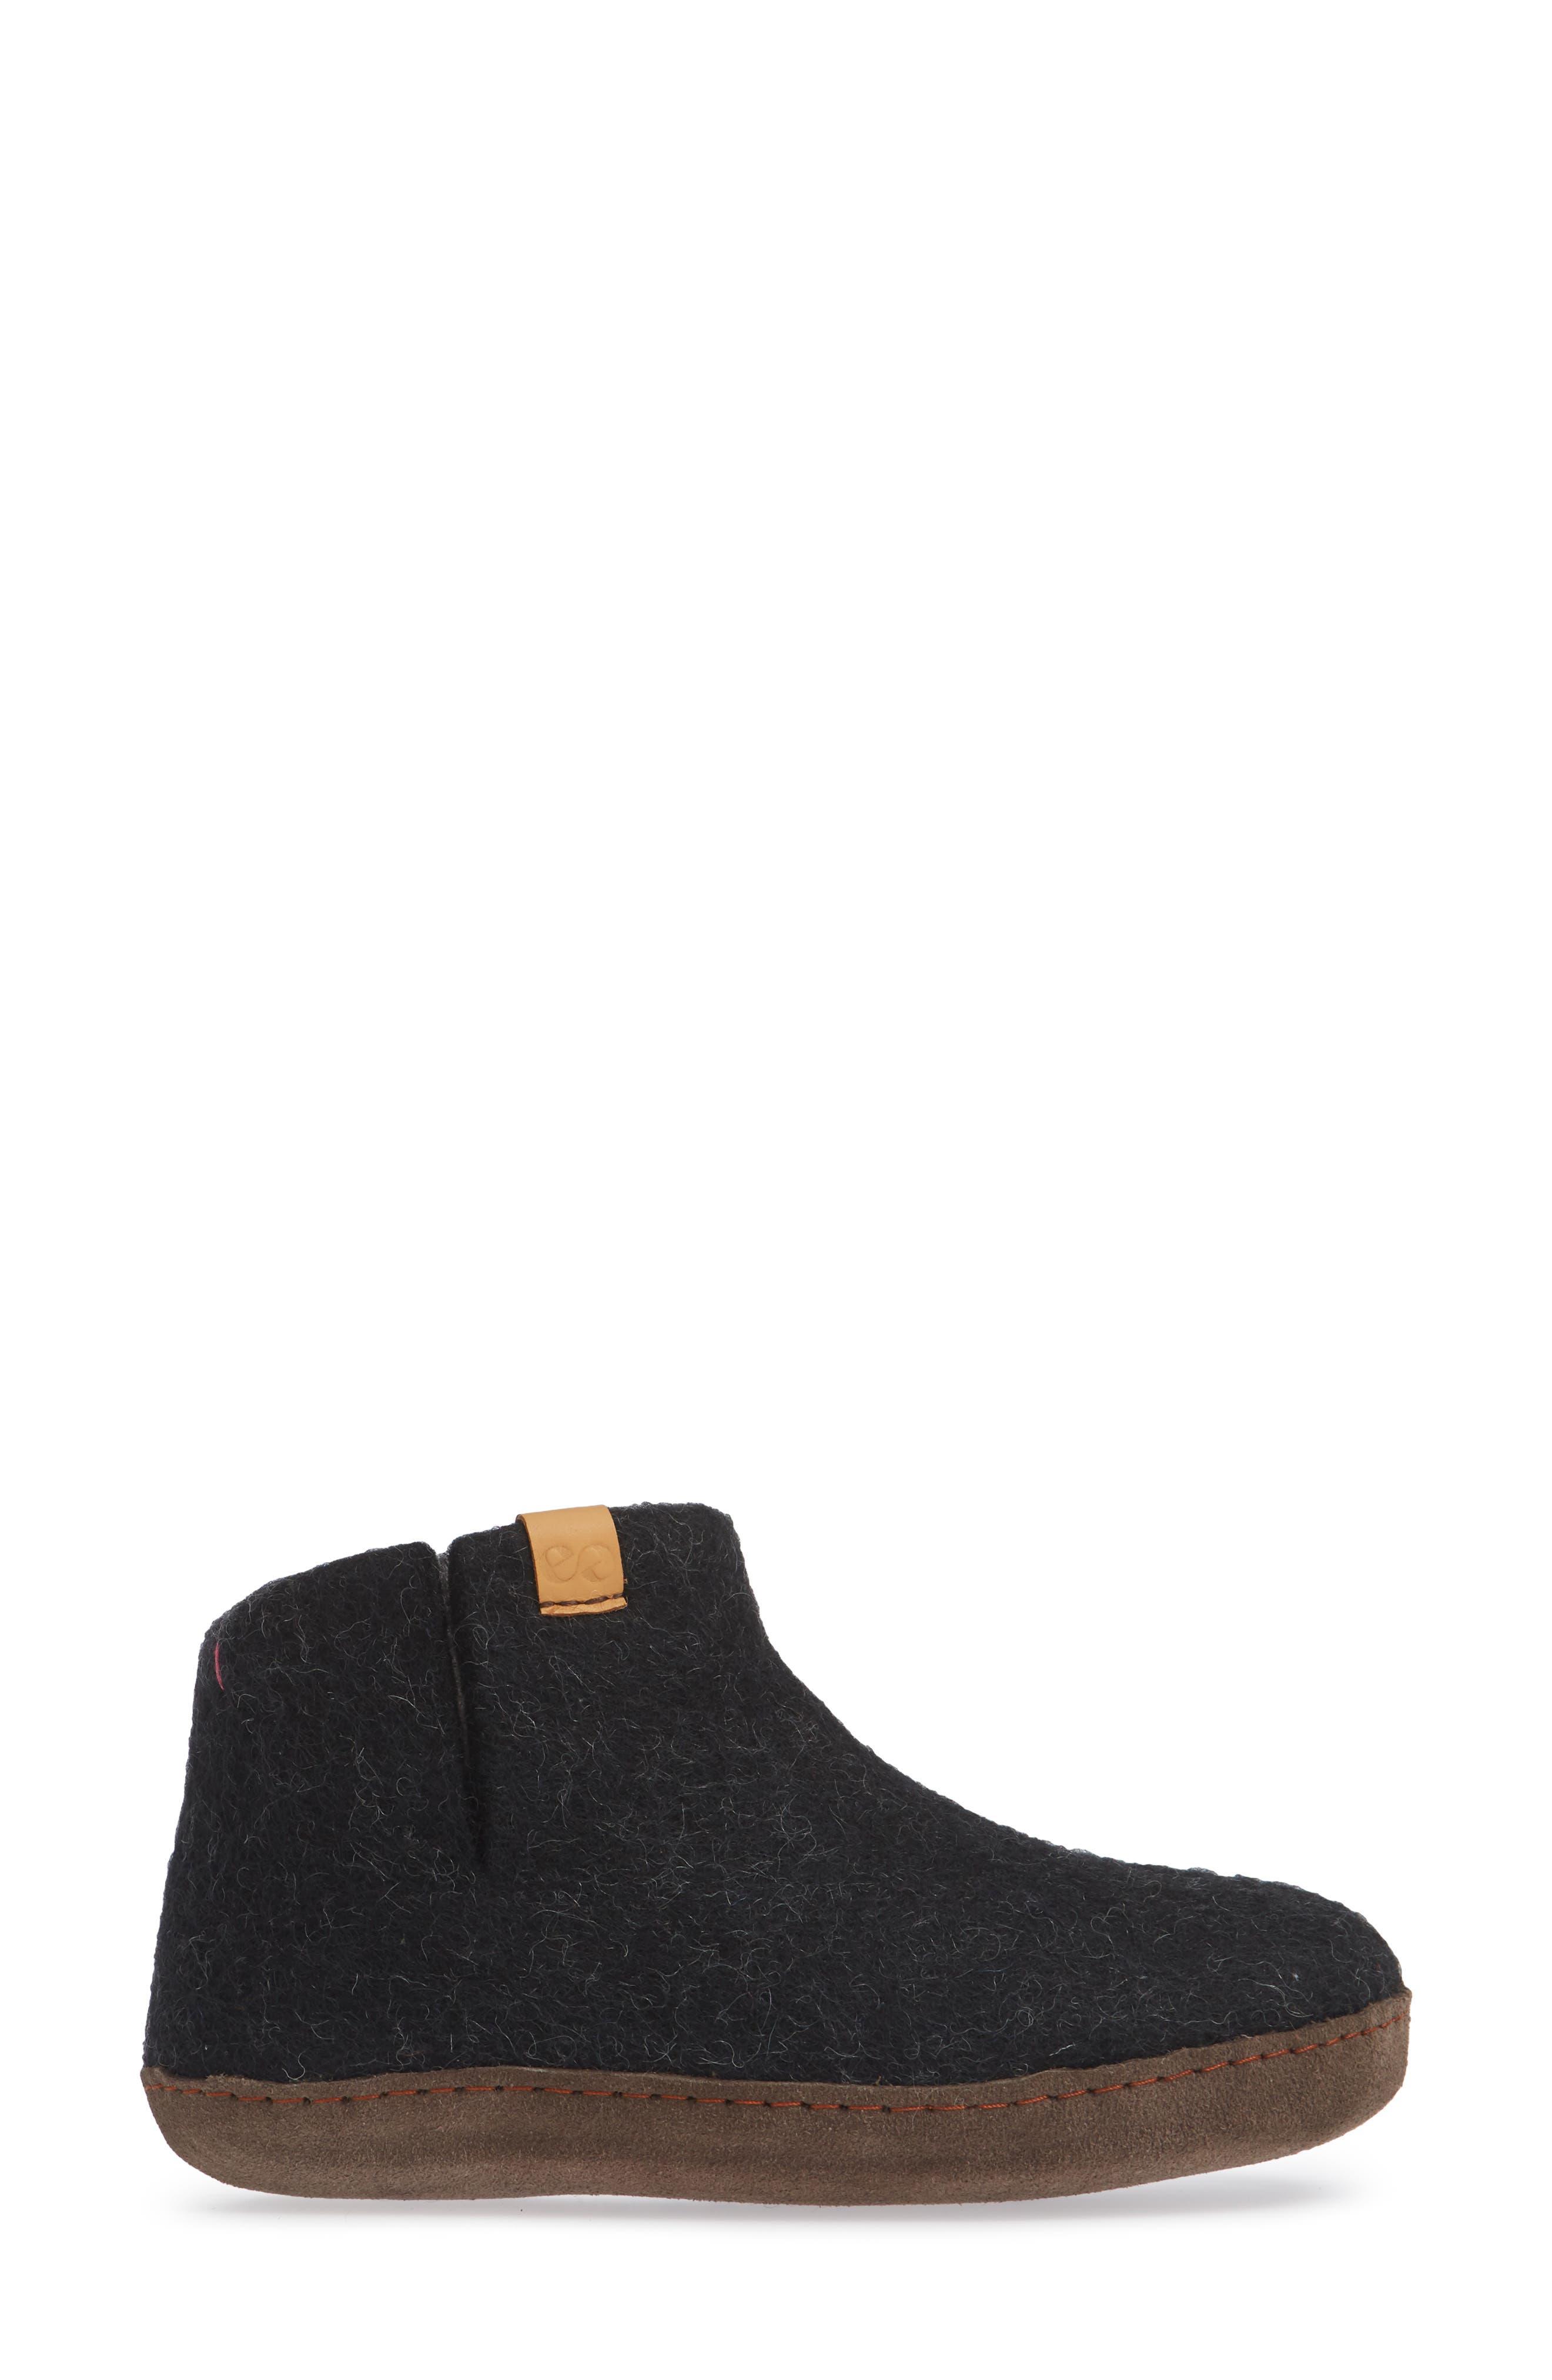 Everest Wool Slipper,                             Alternate thumbnail 3, color,                             BLACK WOOL